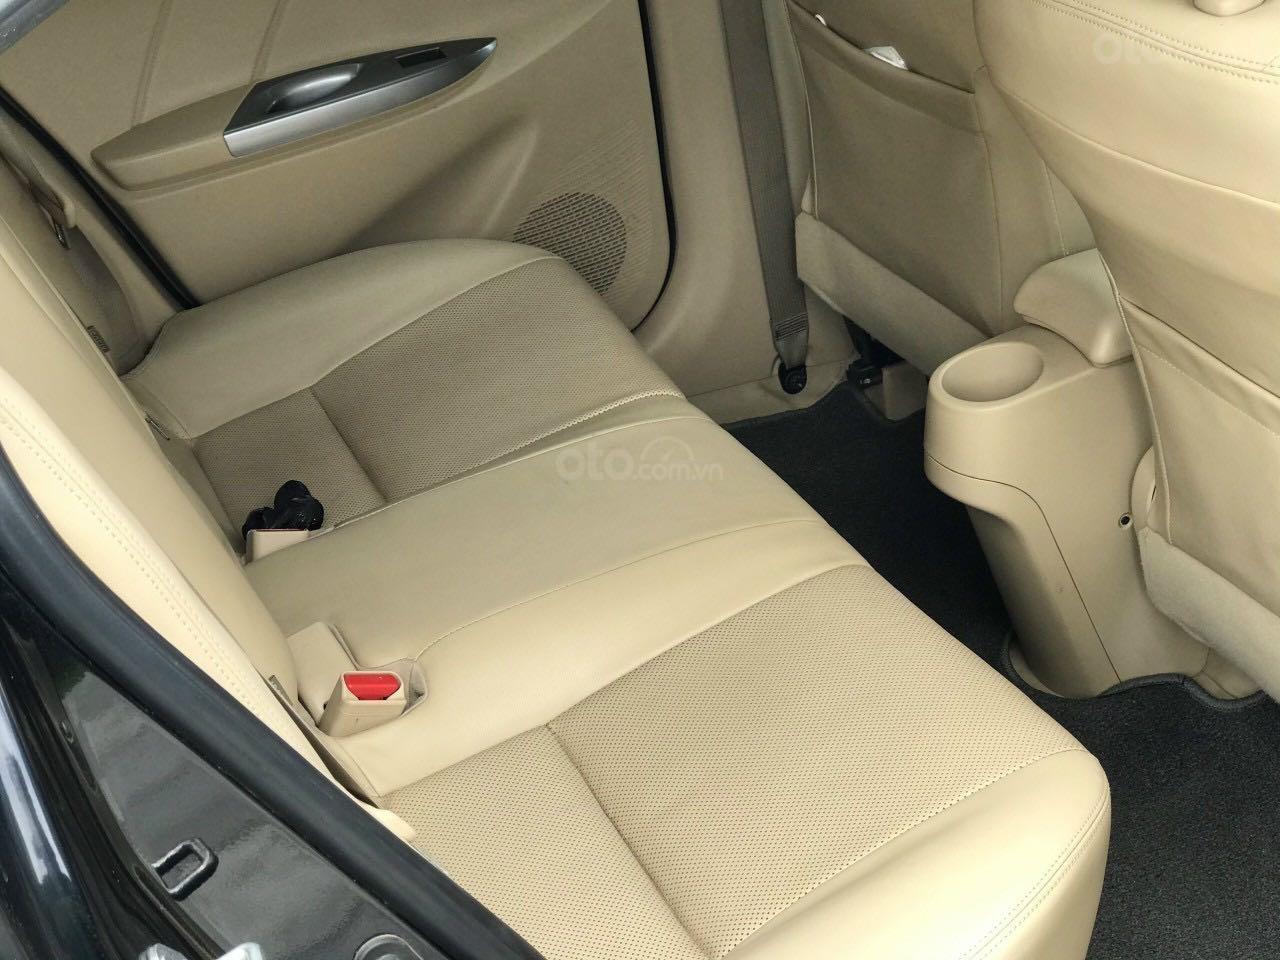 Bán ô tô Toyota Vios đăng ký 2016, màu đen còn mới, giá tốt 465 triệu đồng (5)